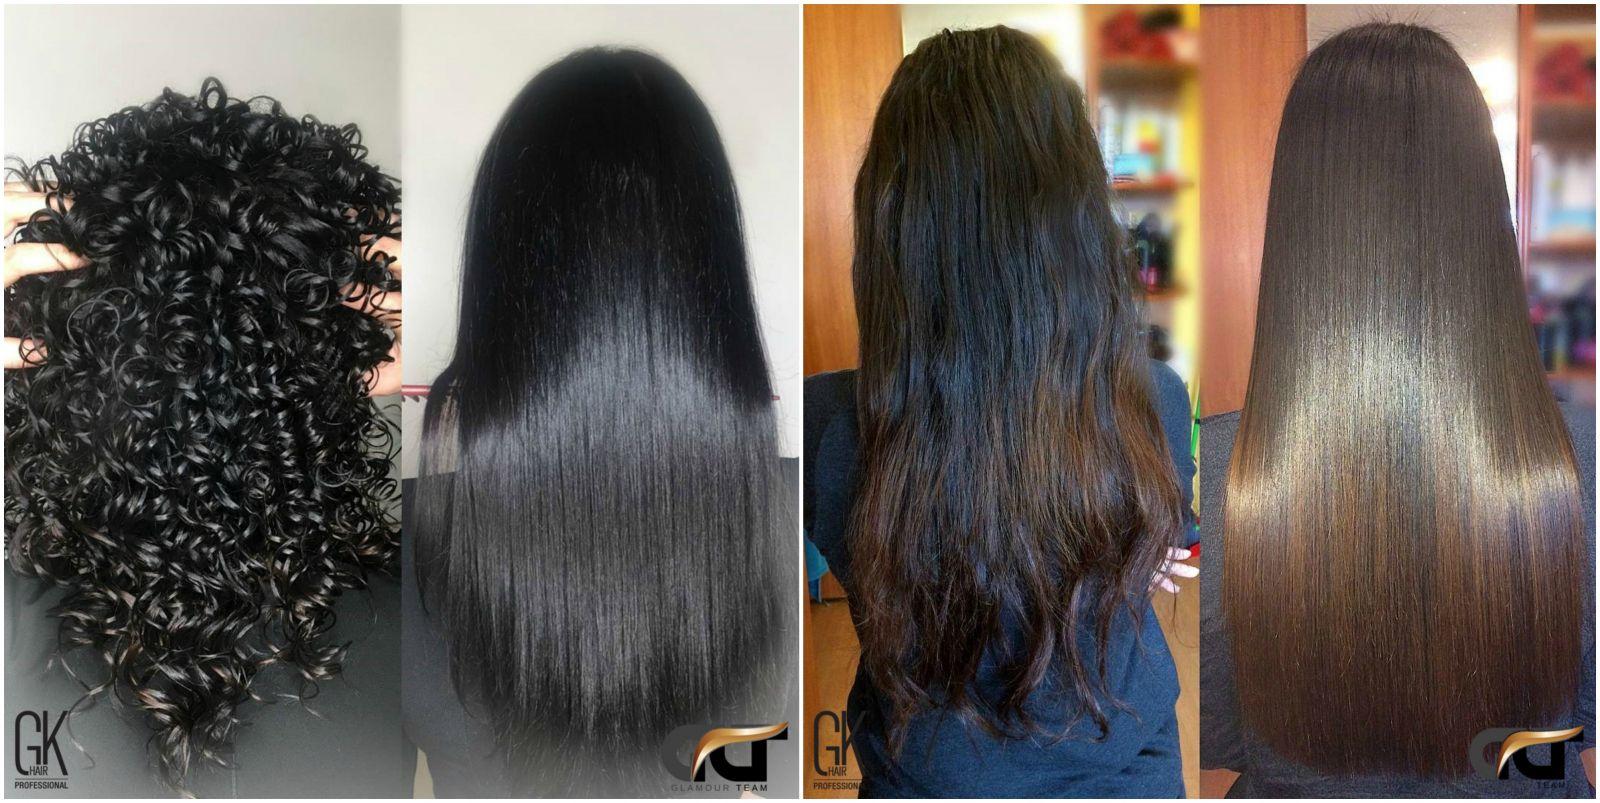 gkhair termékek, the best hajfeltöltő kezelés, fodrász képzés, juvexines keratin hajfeltölő kezelés, bwnet.png